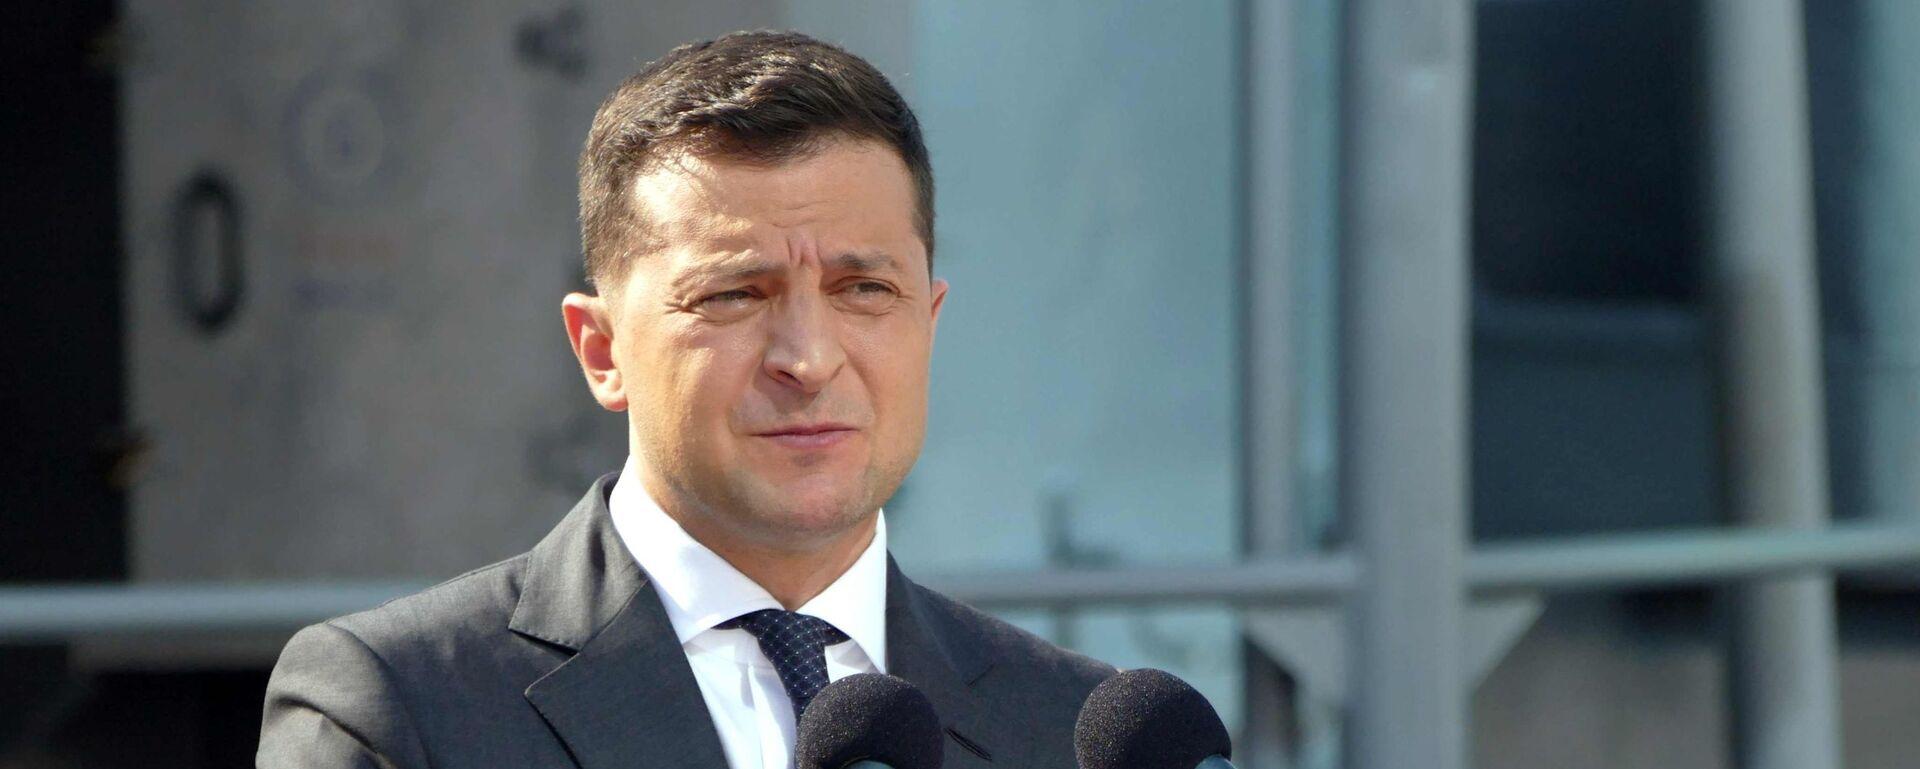 Президент Украины Владимир Зеленский - Sputnik Латвия, 1920, 02.09.2021